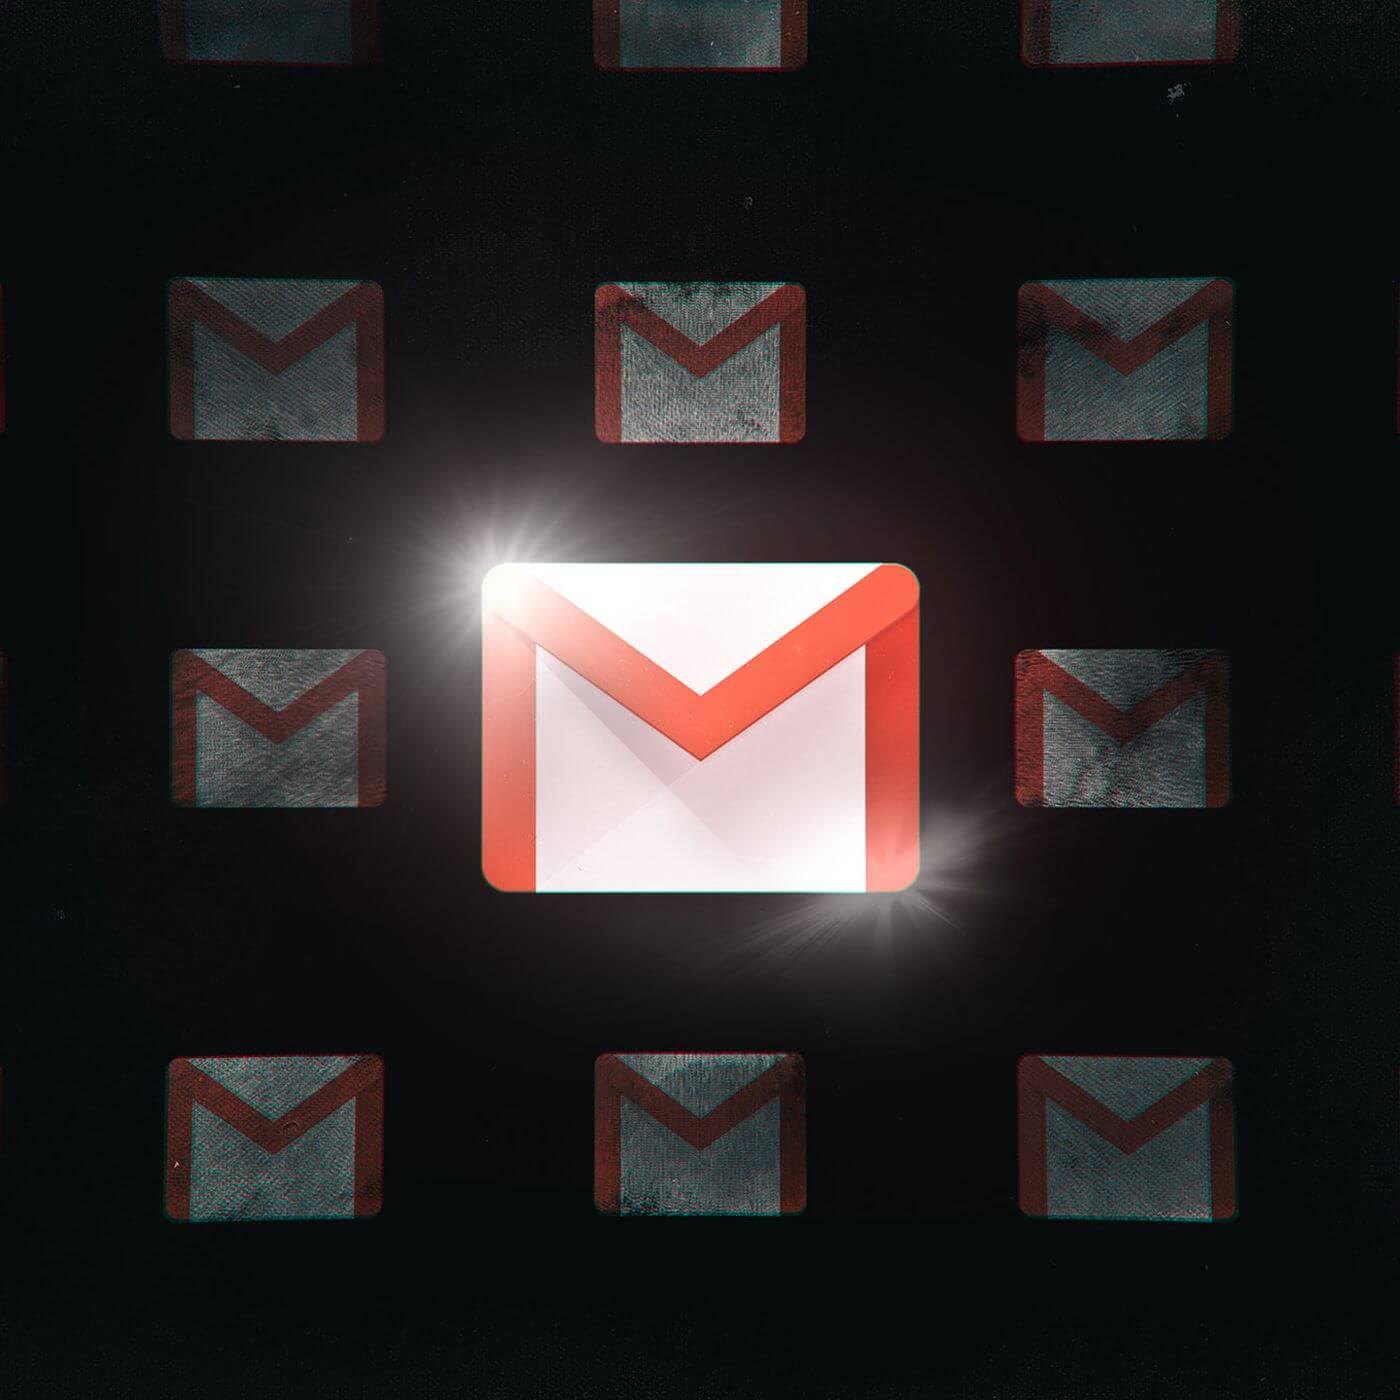 چگونه از ردگیری ایمیل ها جلوگیری کنیم